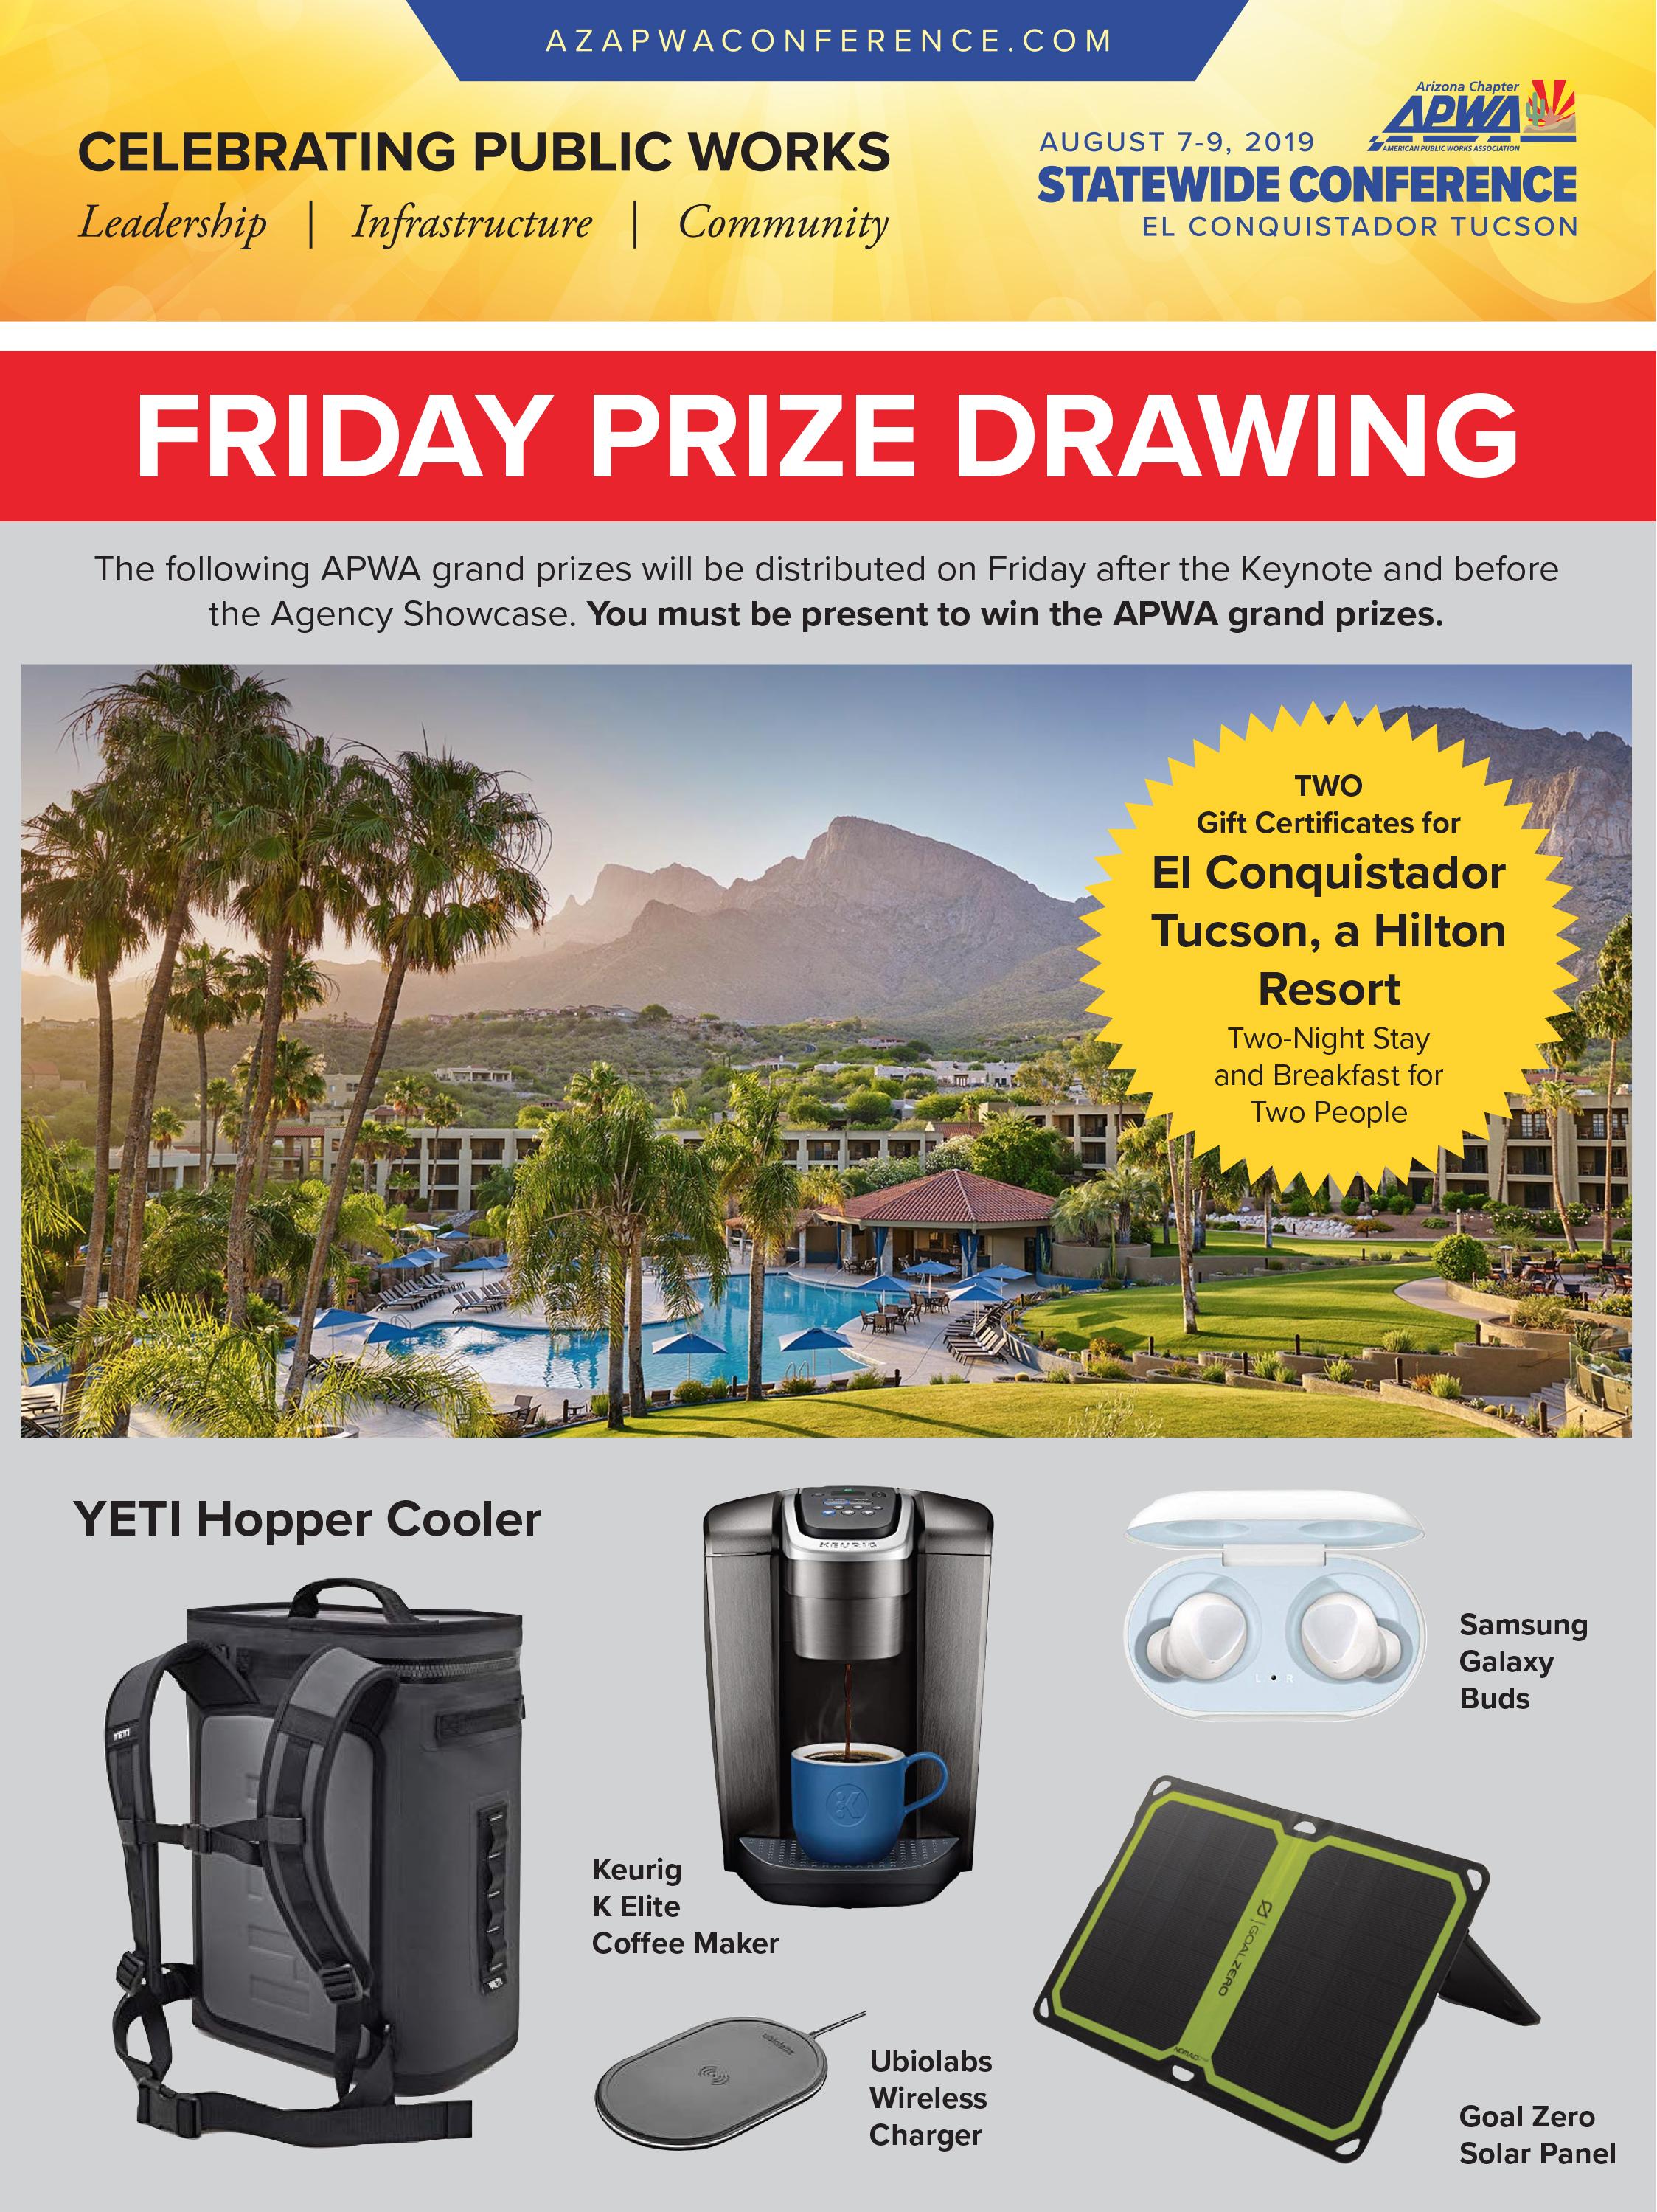 APWA Conference Prize Promo 07-17-19.jpg